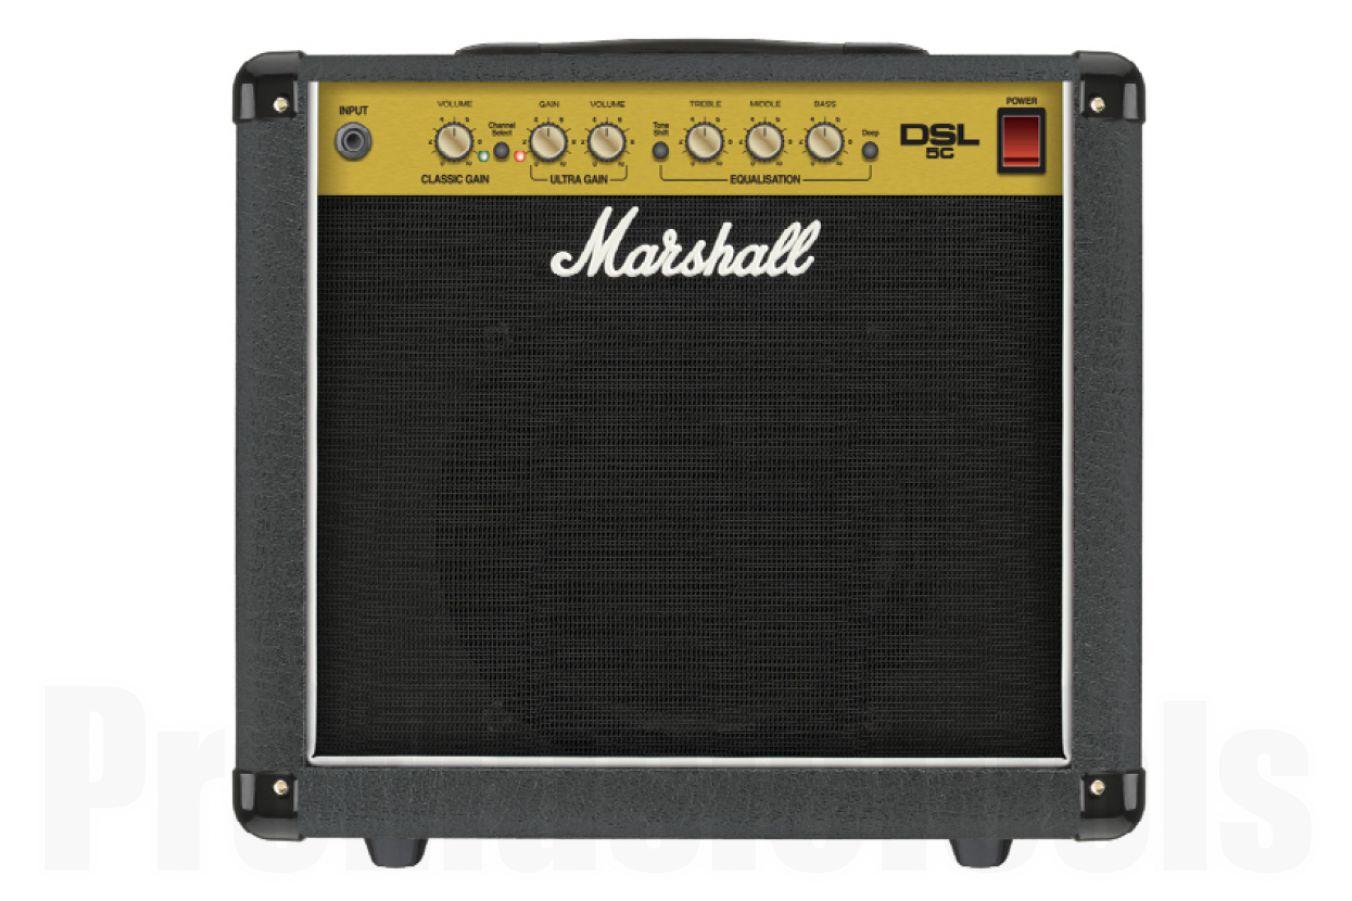 Marshall DSL5C 5 Watt Combo - b-stock (1x opened box)